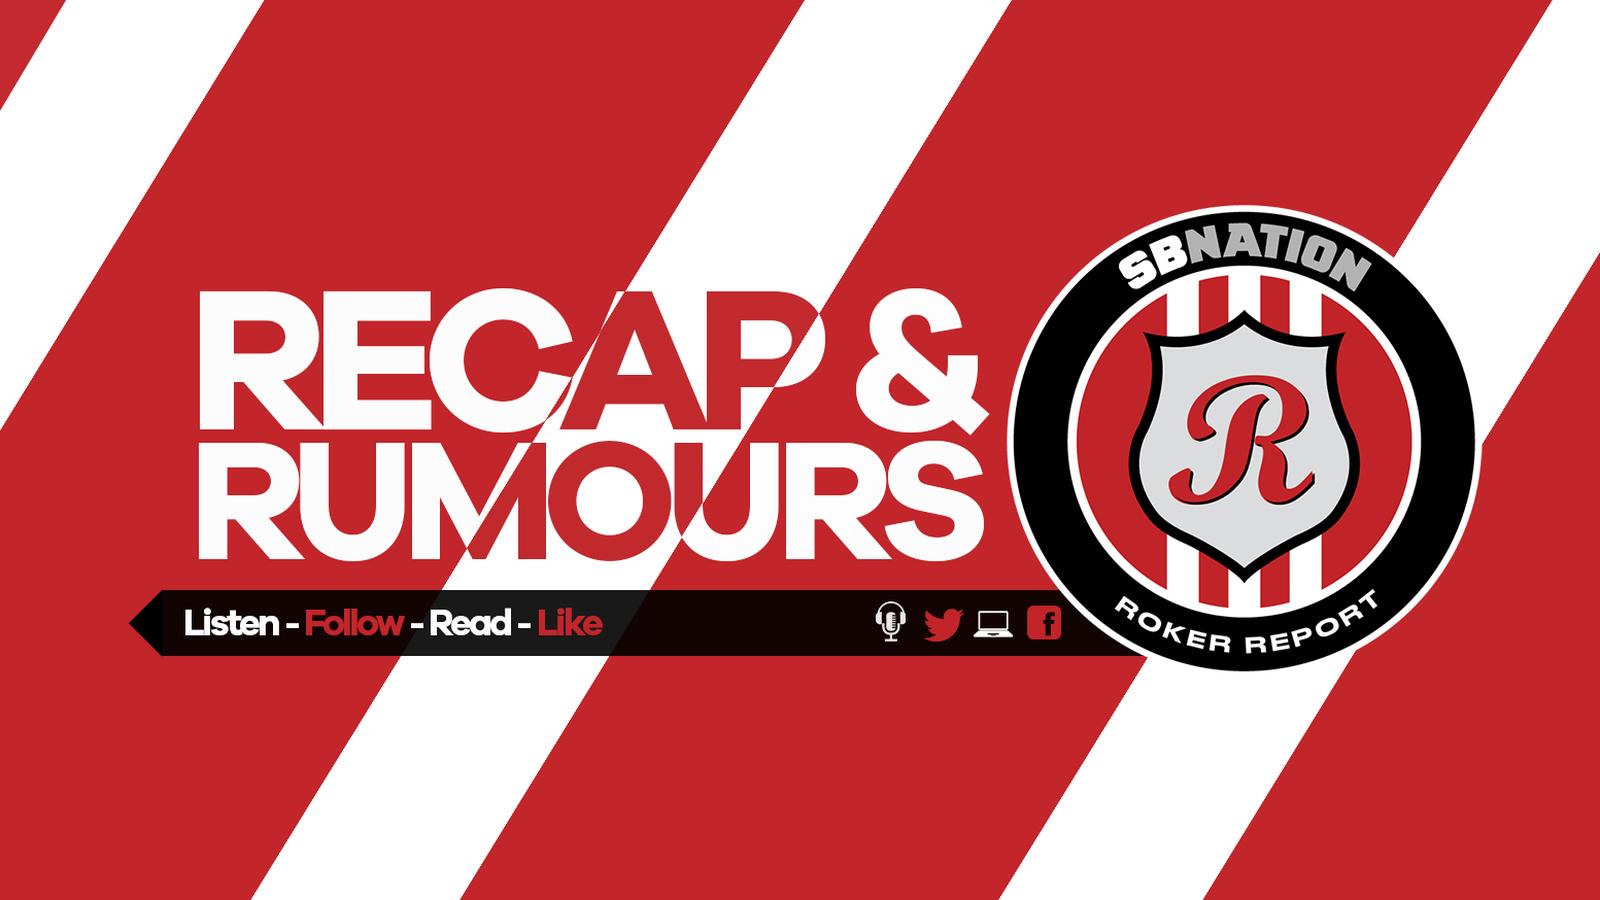 Recap_rumours.0